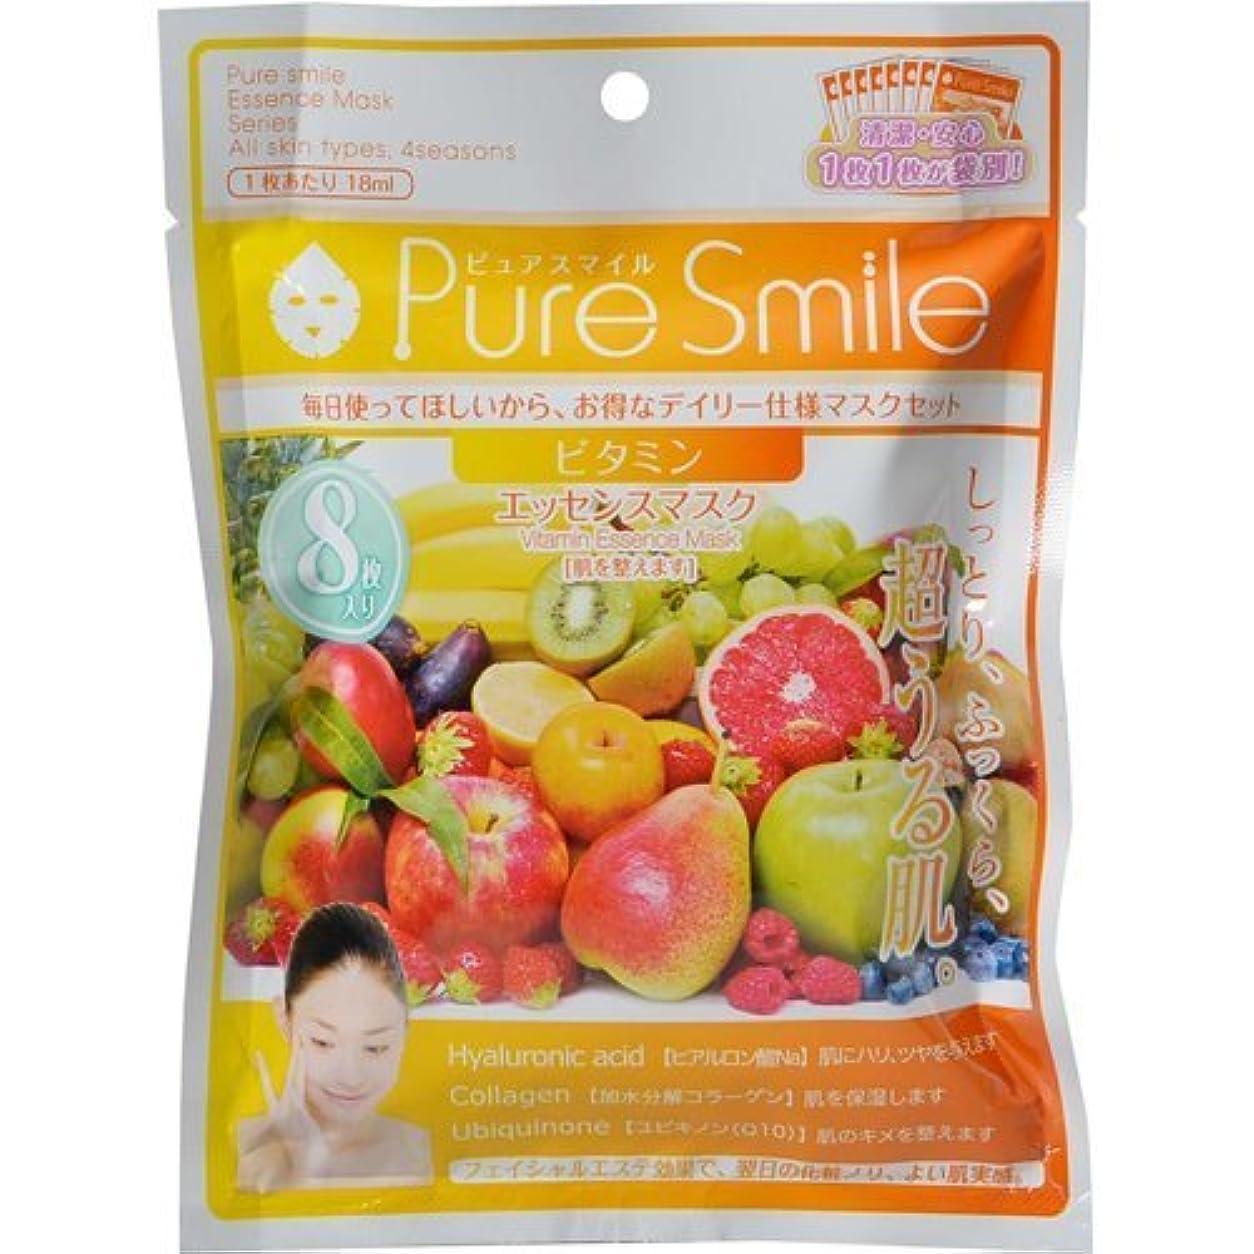 社会主義者乳白色加害者Pure Smile エッセンスマスク8枚セット ビタミン 8枚